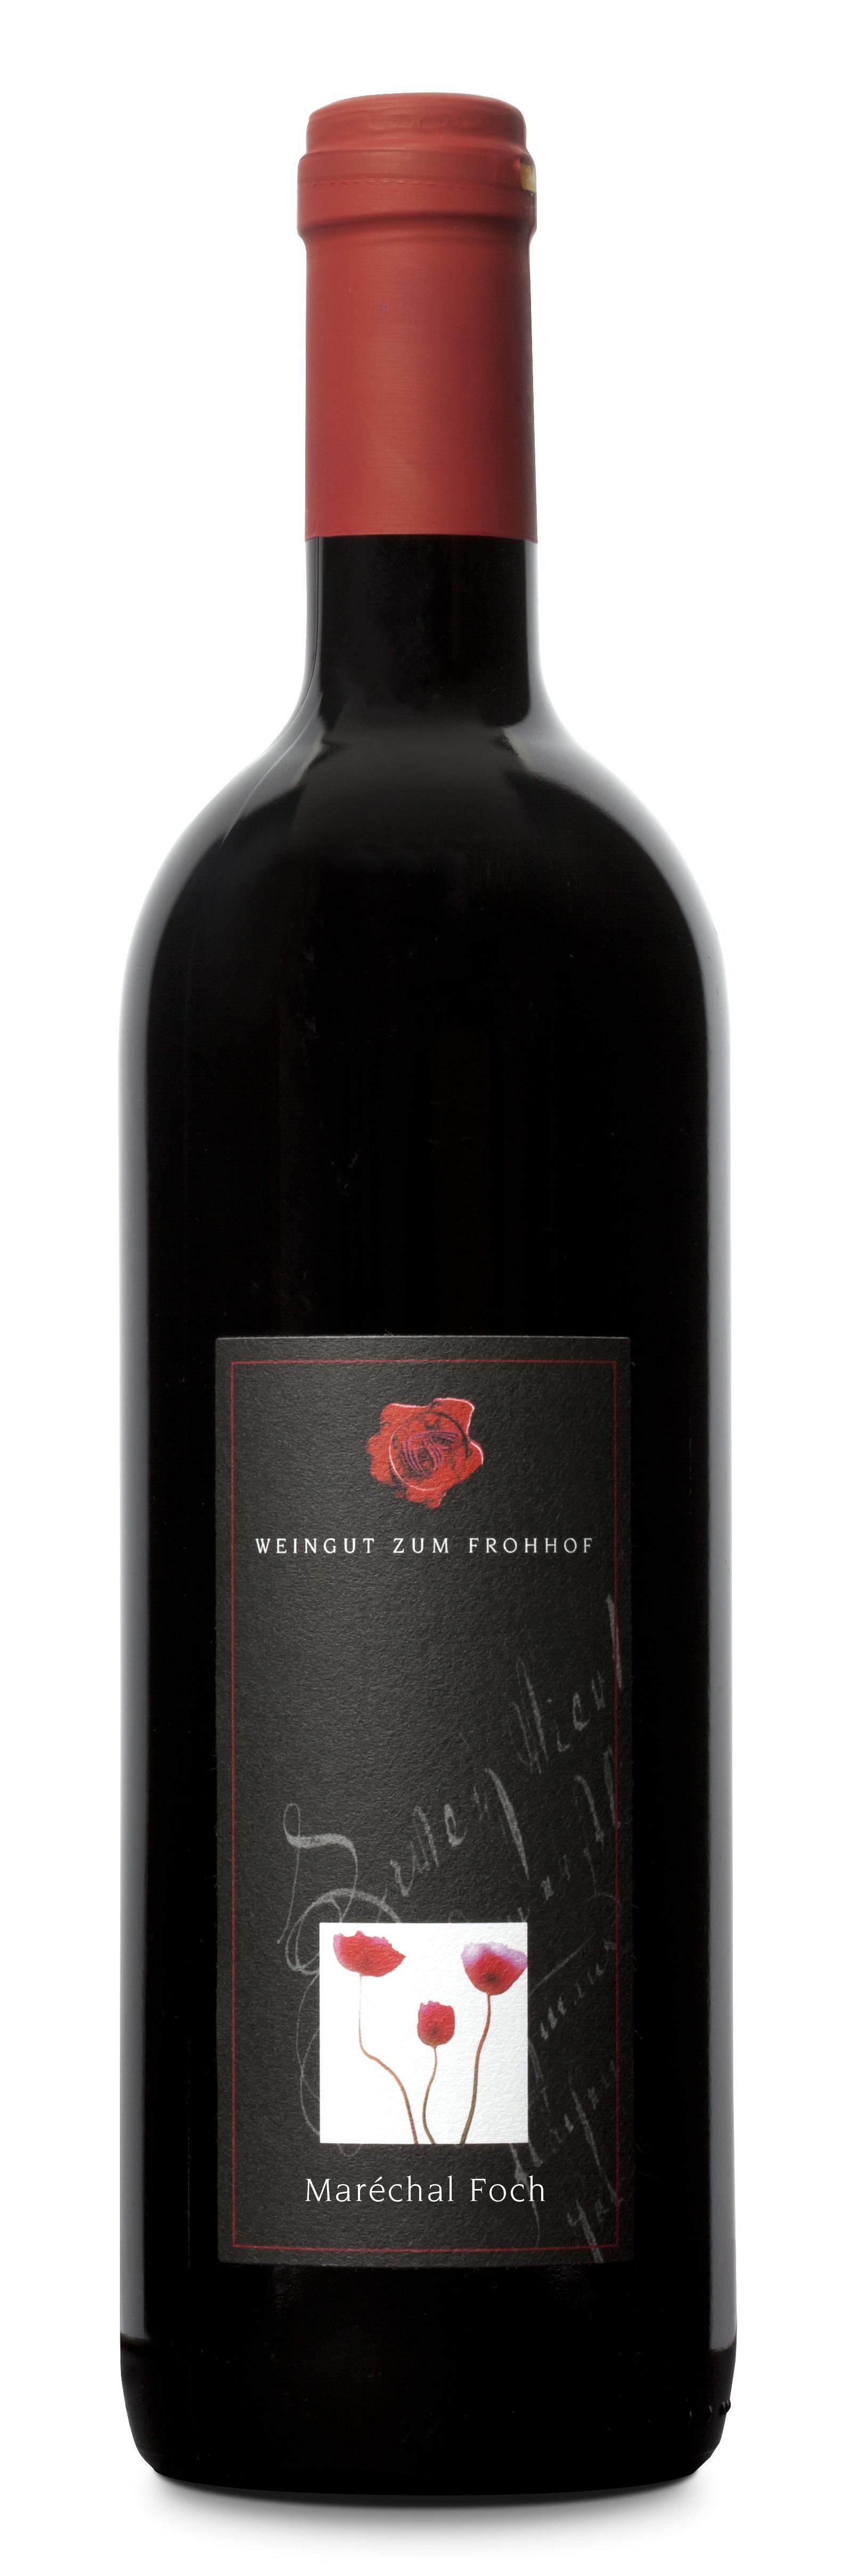 Schweizer Rotwein: Maréchal Foch